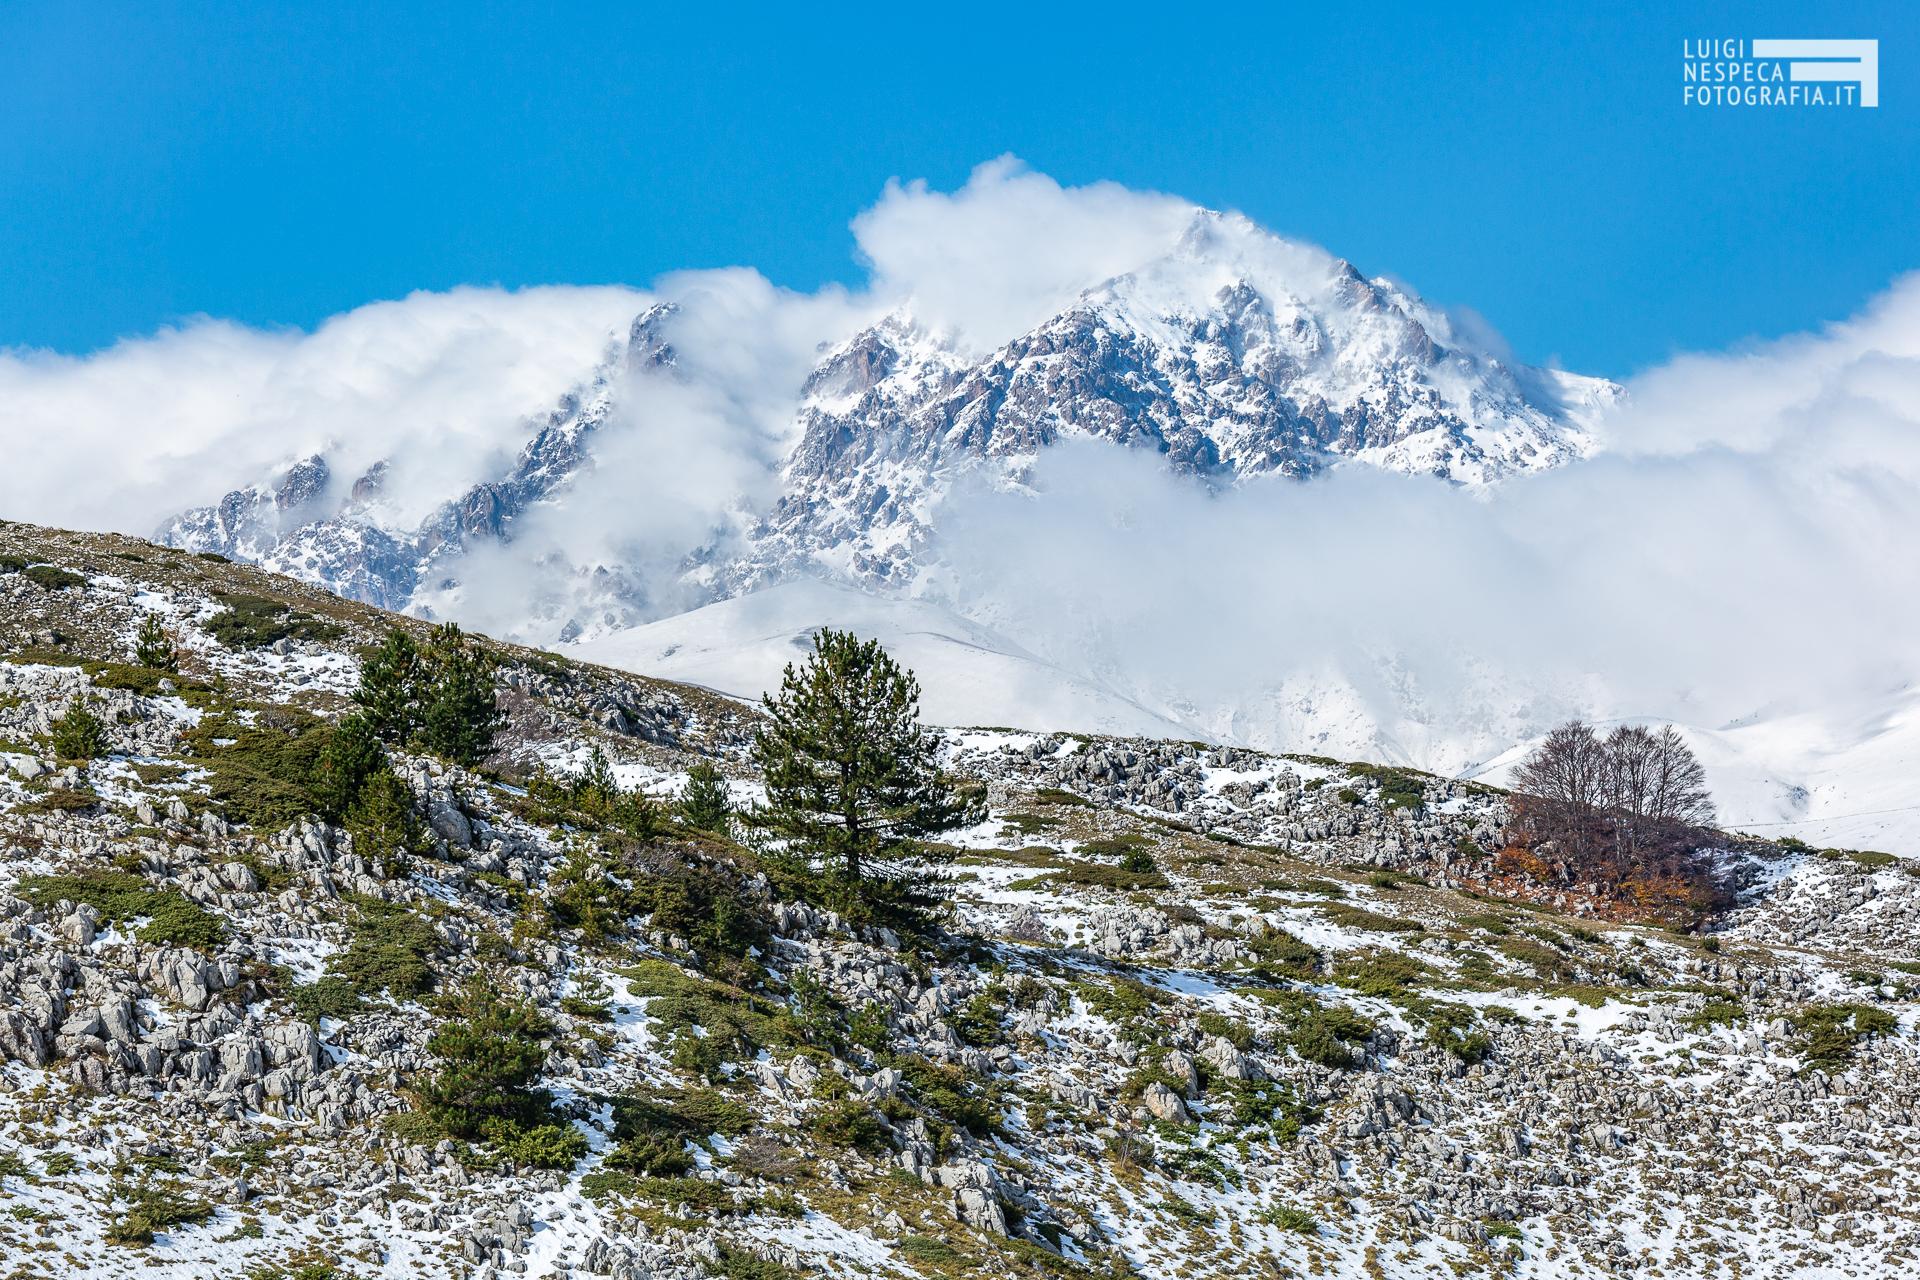 Monte Prena- Prima neve - Parco nazionale del Gran Sasso